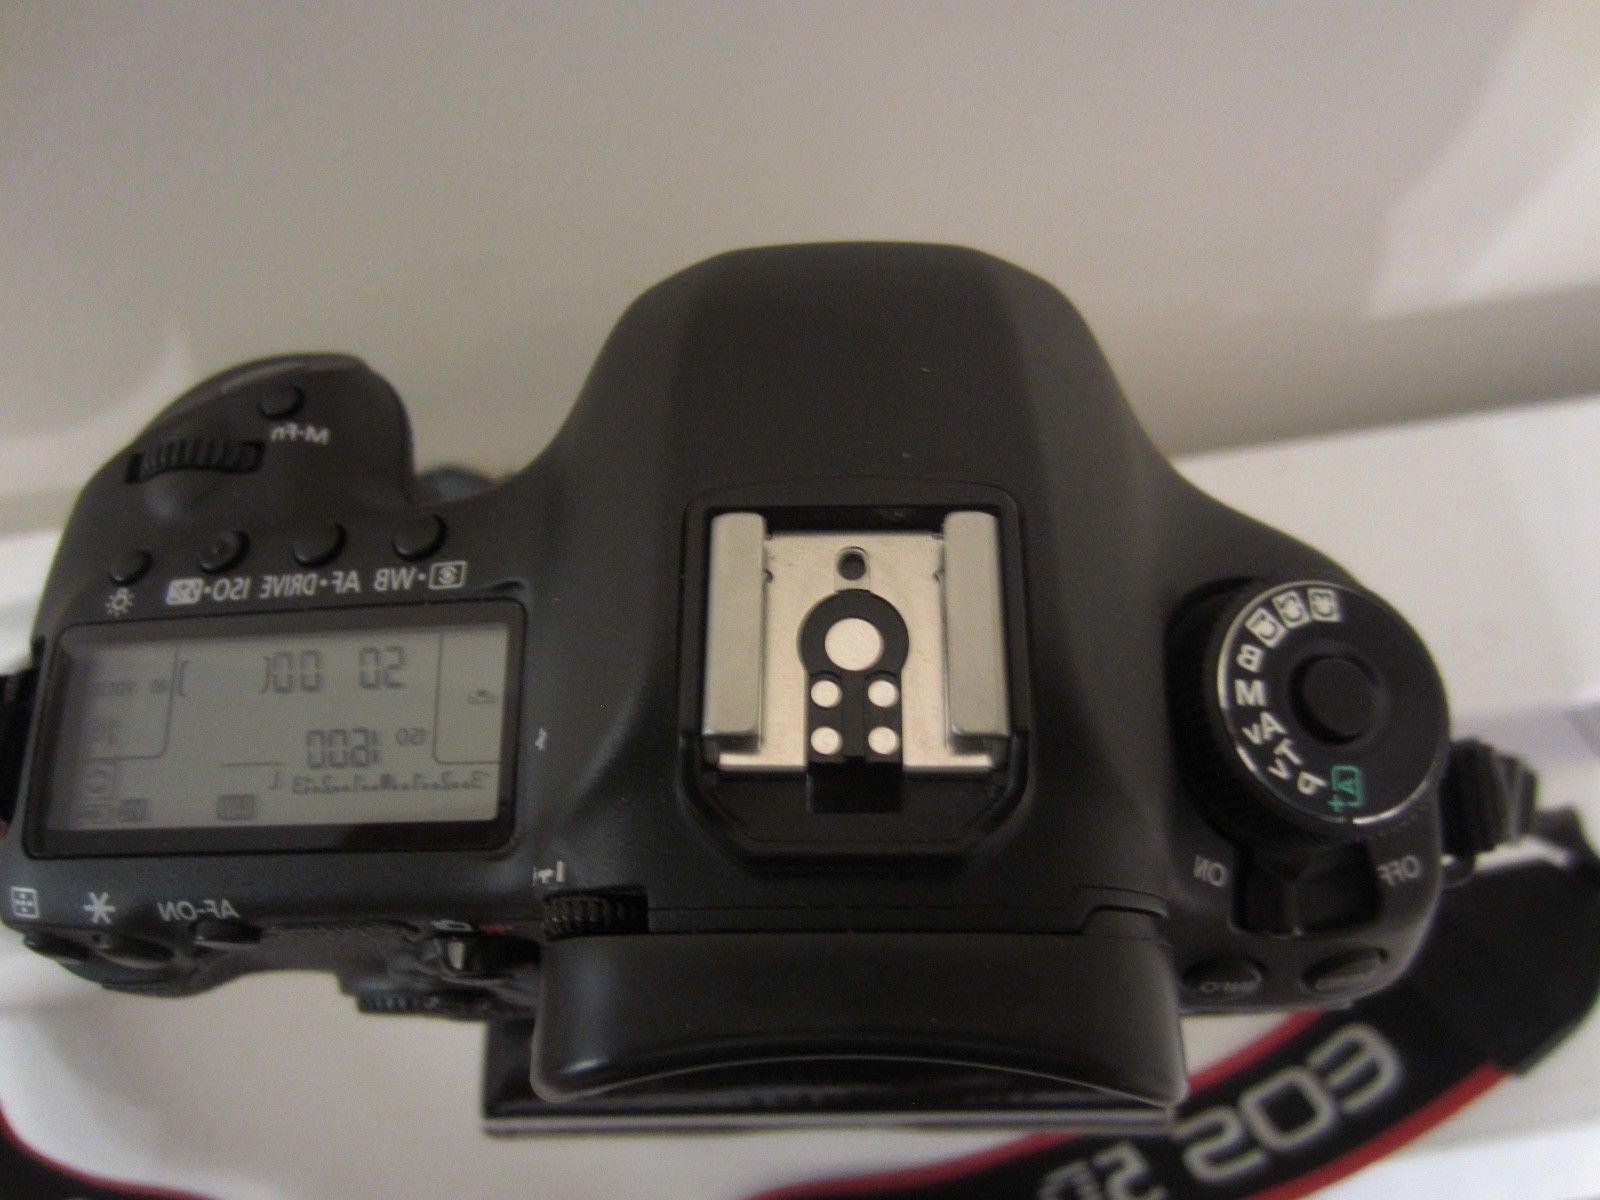 Canon EOS Mark III DSLR